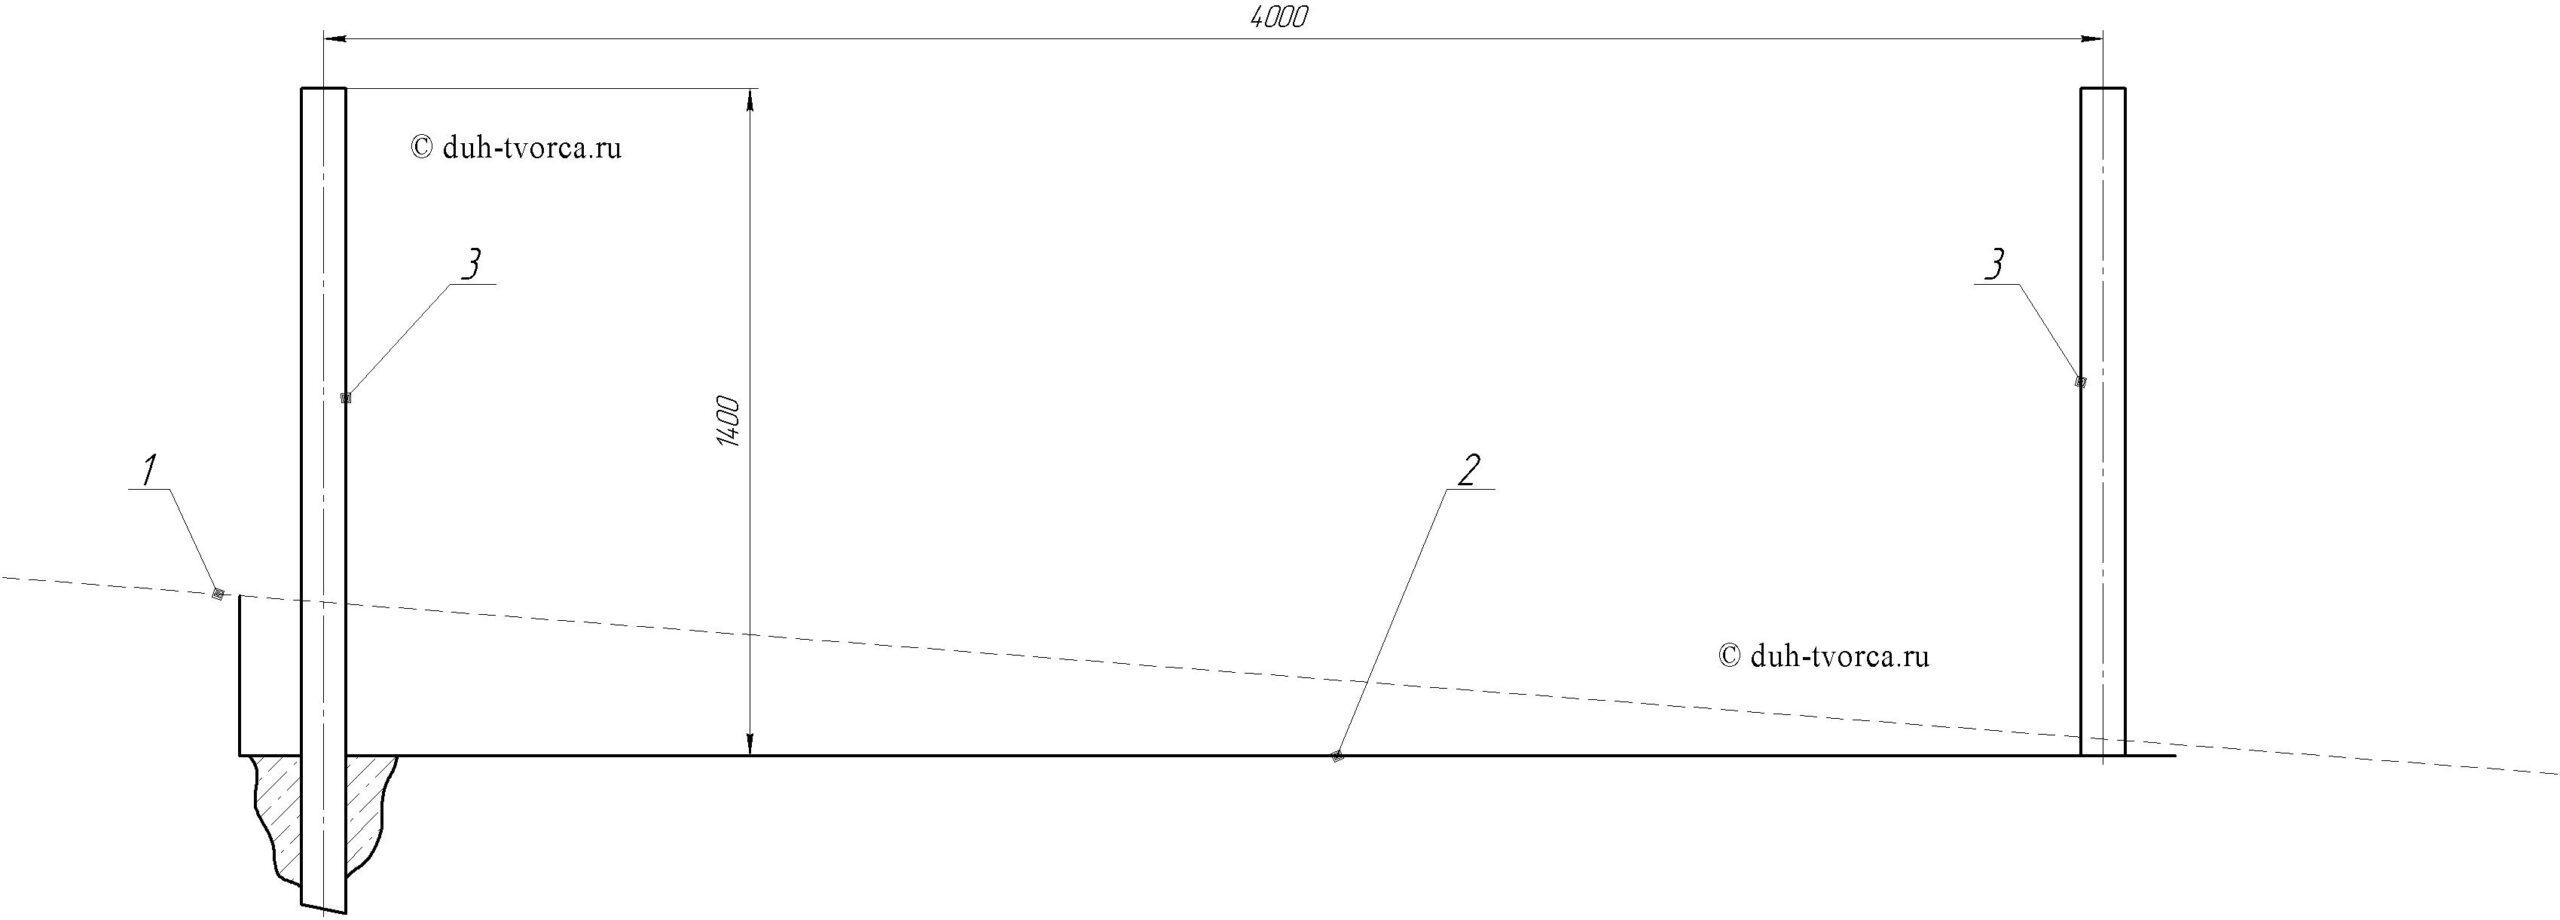 1 - уклон прилегающей дороги, 2 - выровненный участок внутри огорода, 3 - выставленный по уровню и укрепленный бетоном опорный столб